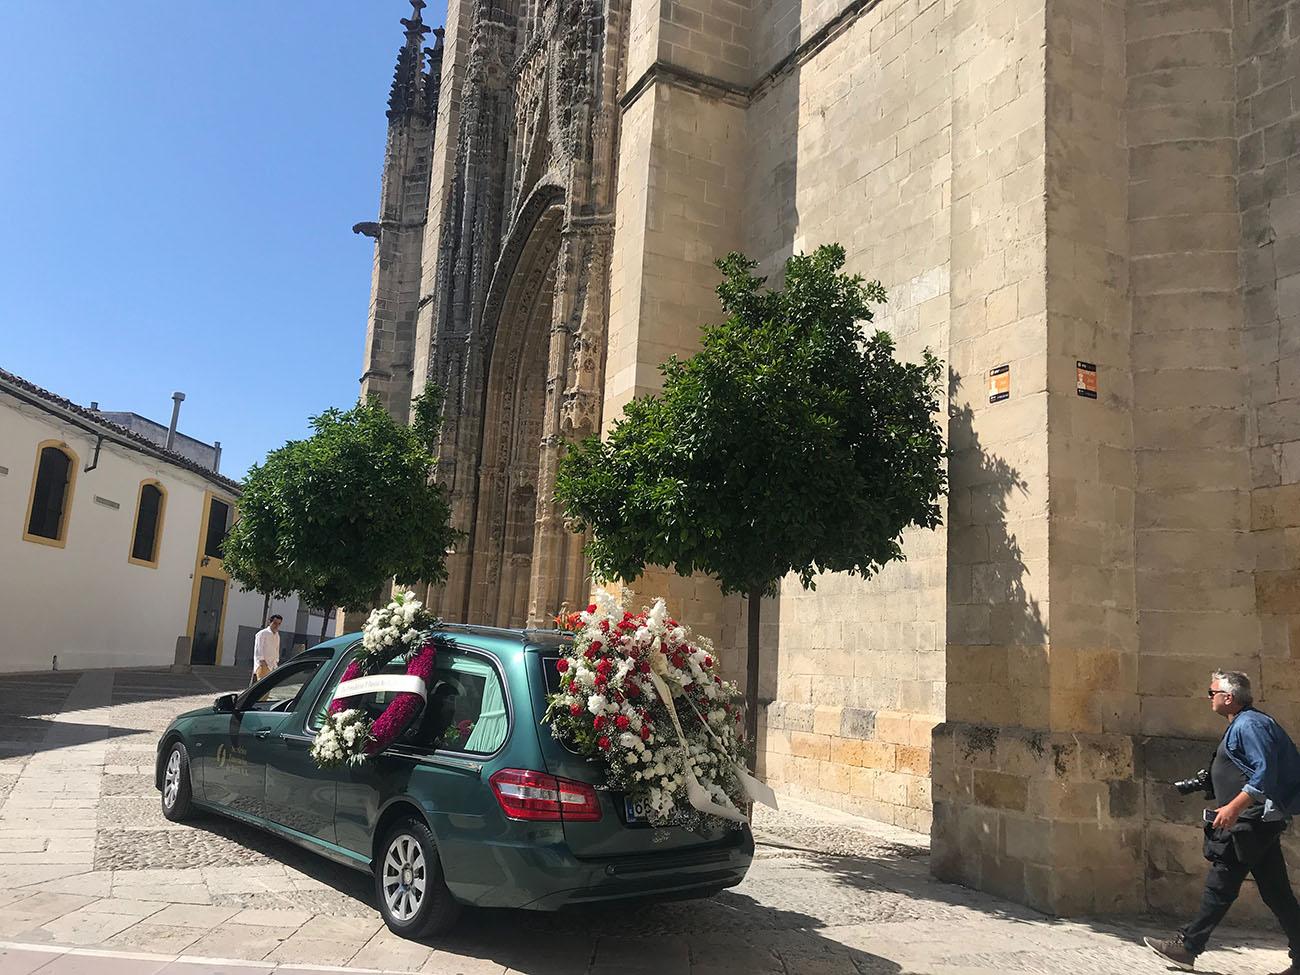 Entierro del cantaor Fernando de la Morena. Jerez, 6 junio 2019. Foto: Juan Garrido